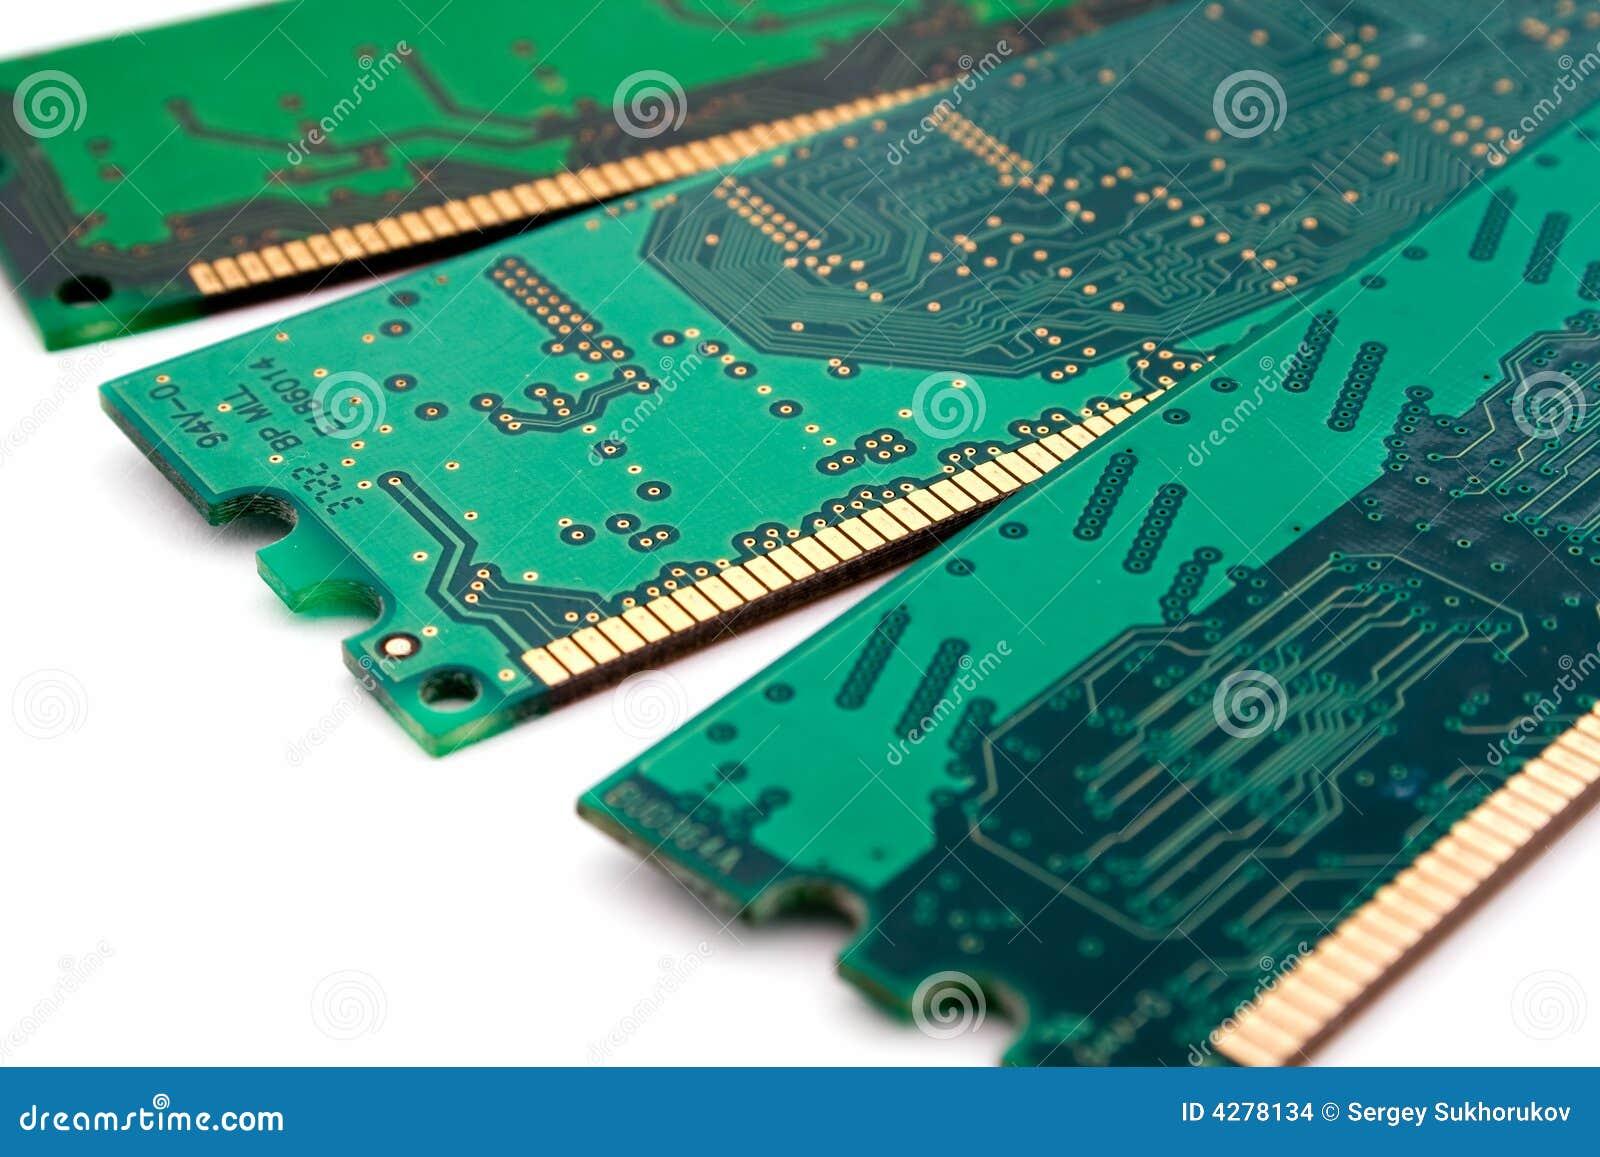 Chip pamięci odizolowana